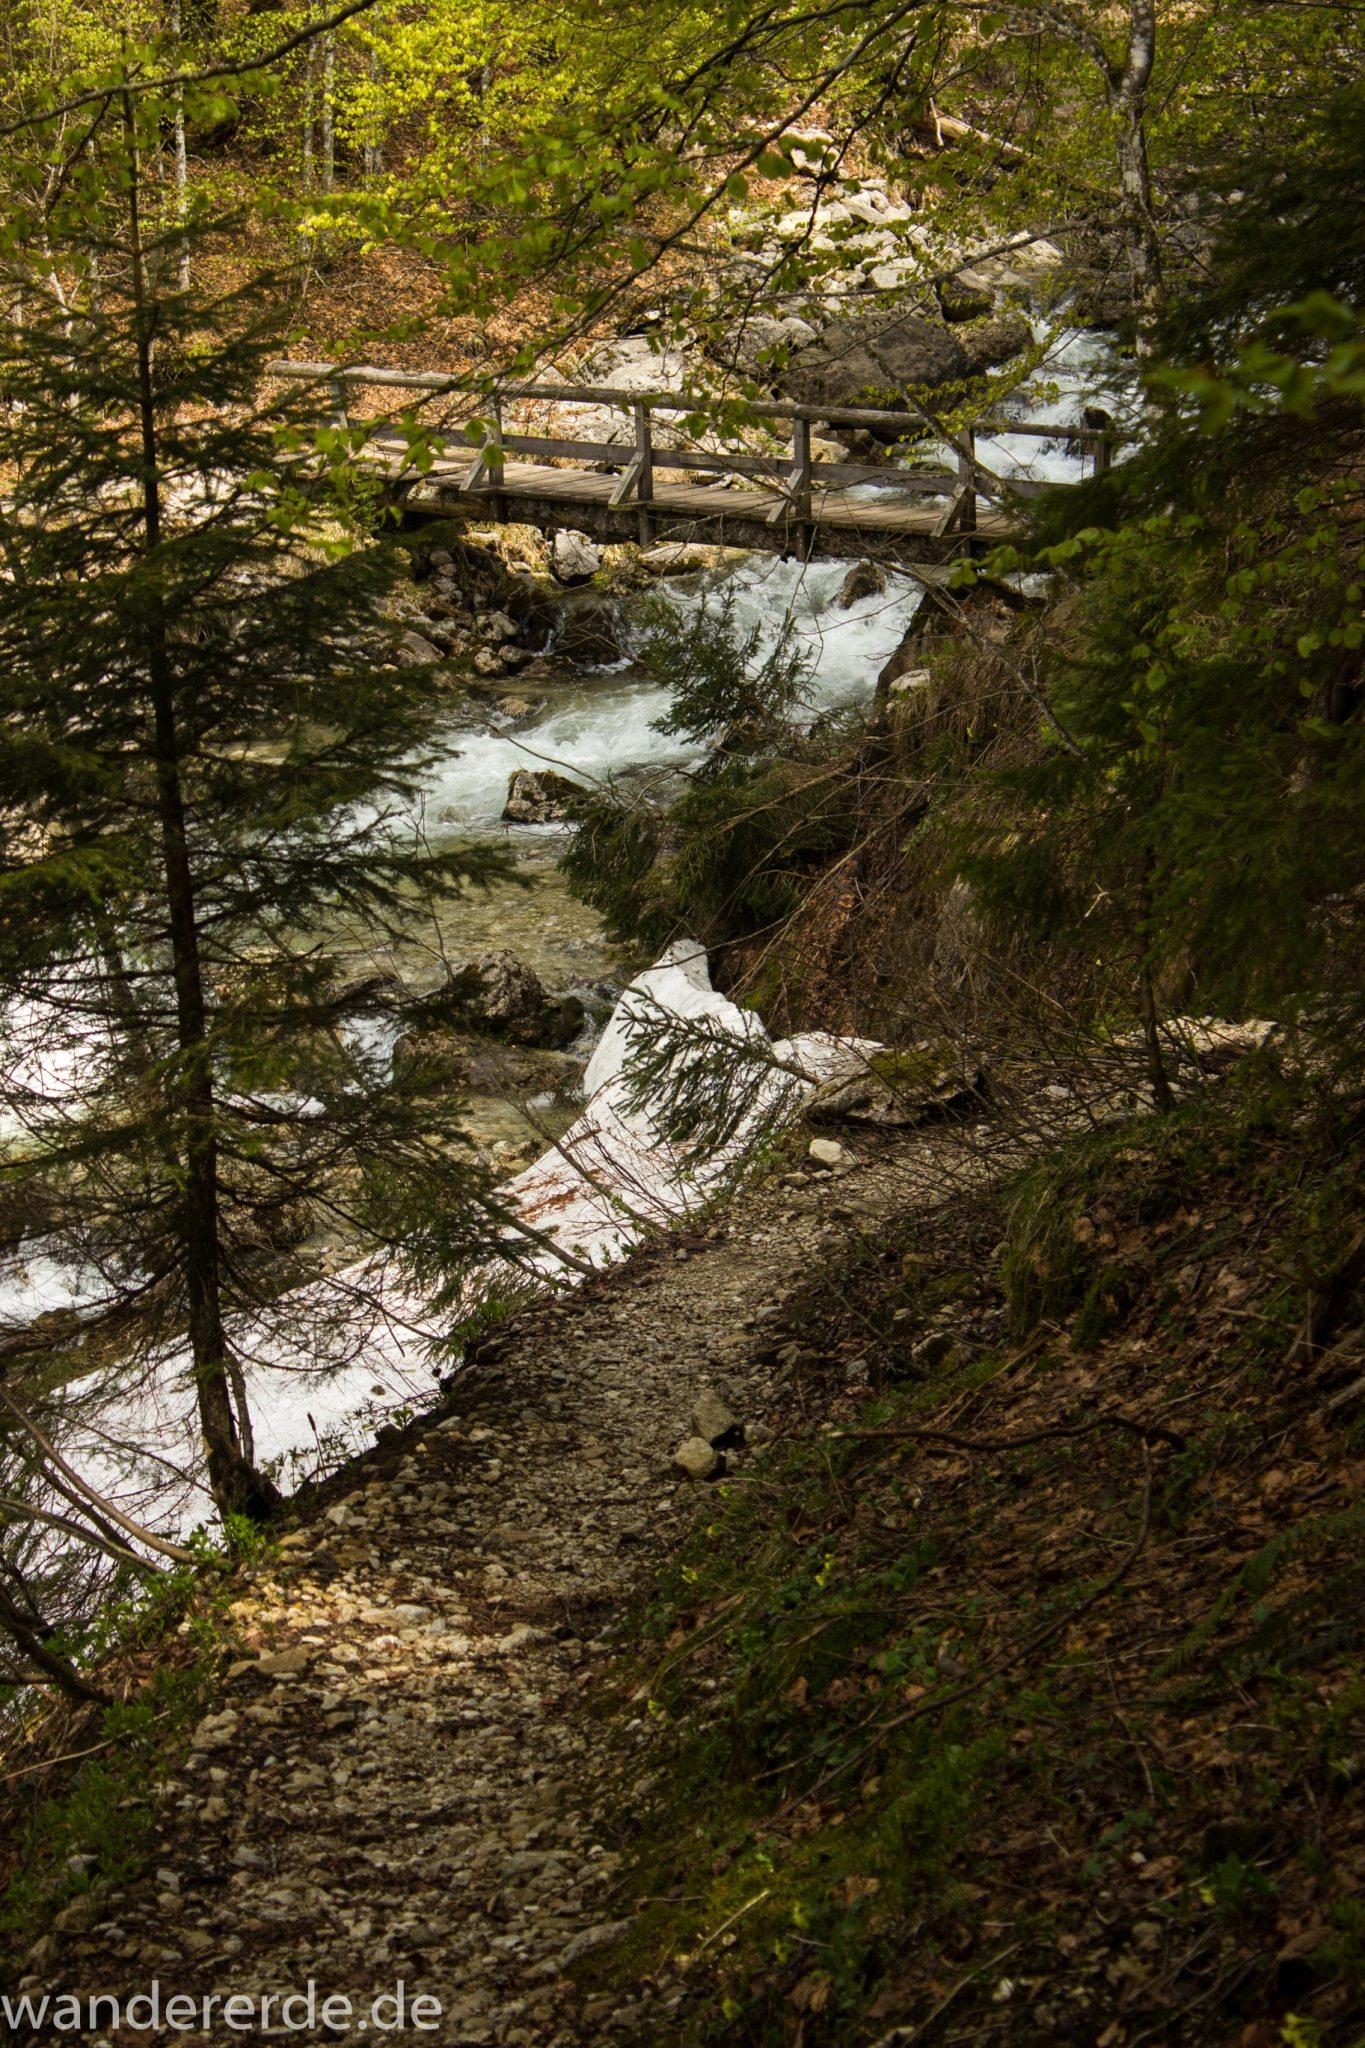 Wanderung zur Kenzenhütte in den Ammergauer Alpen, schmale kleine Brücke führt über schnell fließendem Bach, Frühjahr in den bayerischen Alpen, dichter grüner Wald und saftige Wiesen, Wanderweg oftmals am schönen, idyllischem Bach entlang